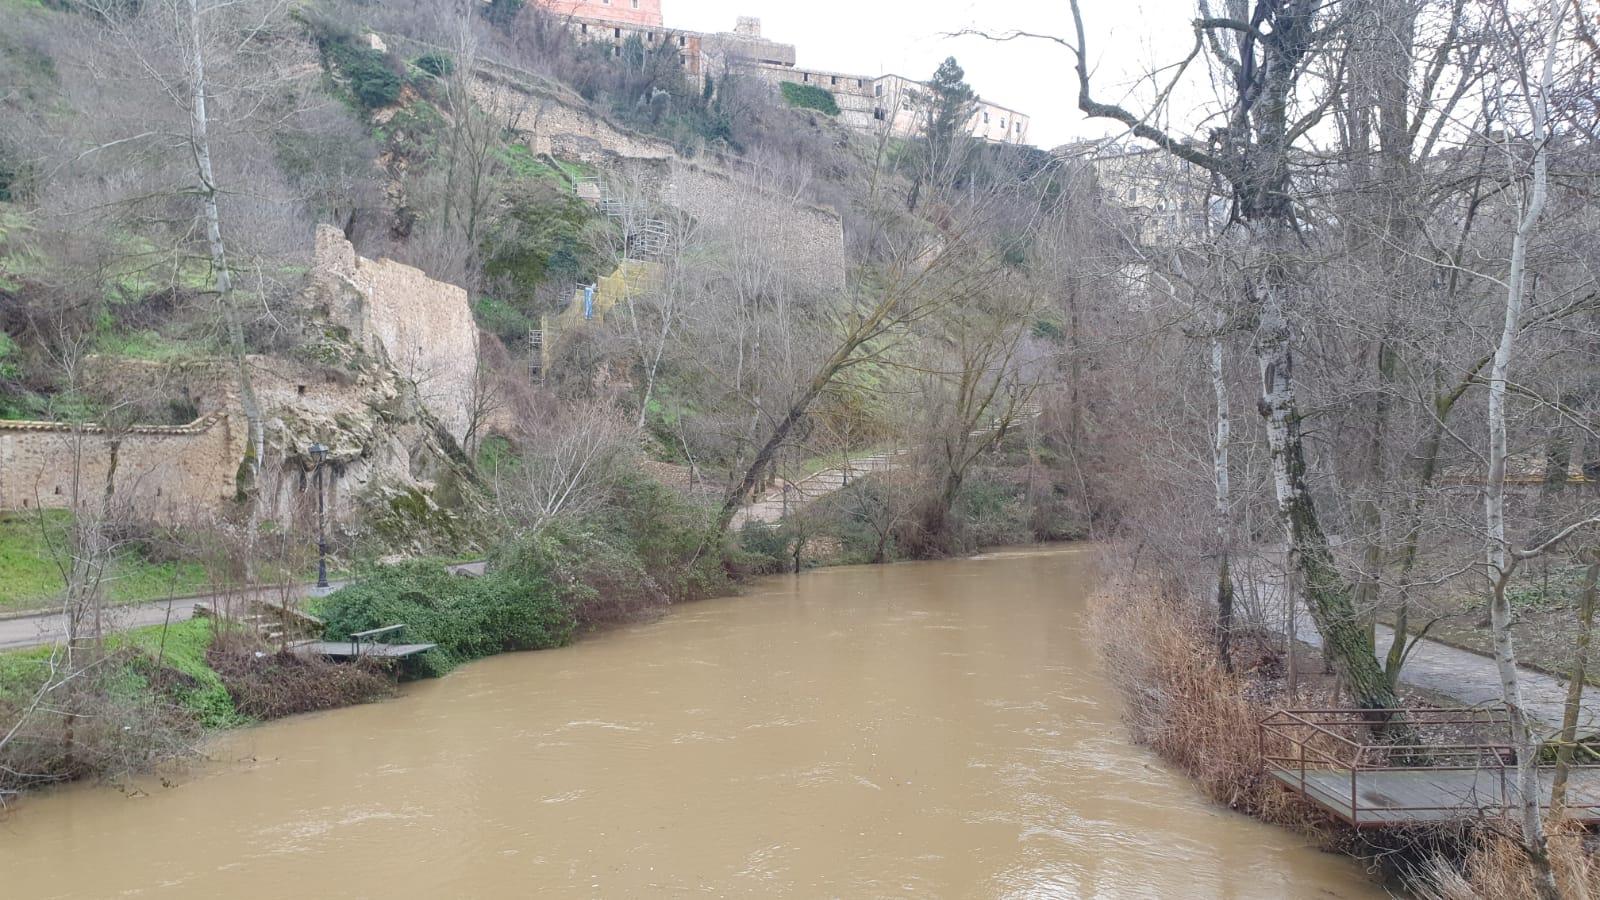 El Ayuntamiento mantiene cerrados los accesos a los ríos y pide precaución ante el crecimiento de su caudal